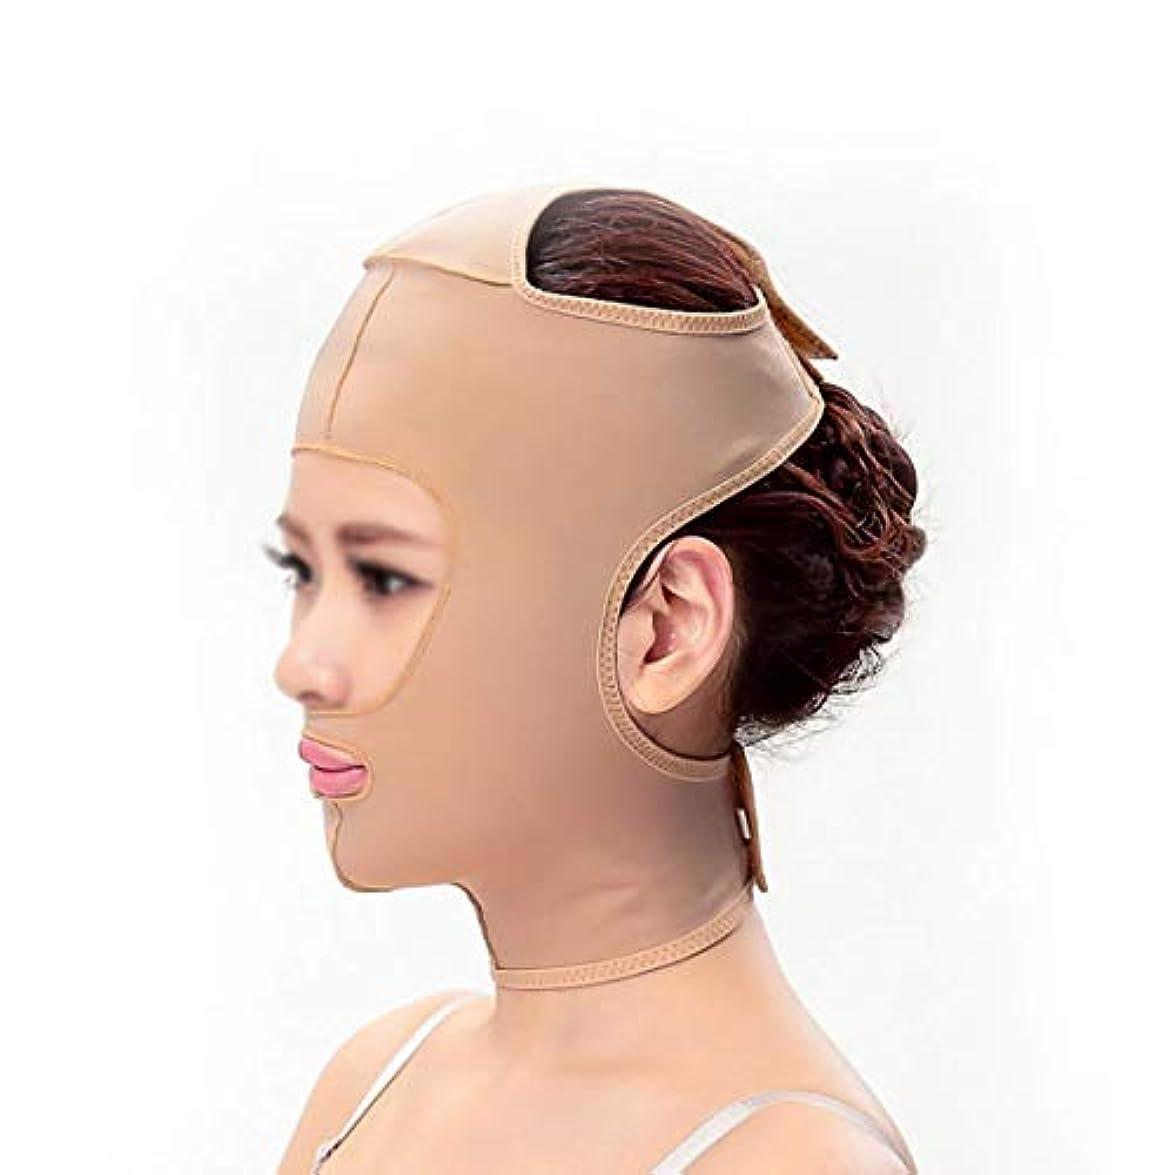 雑品直立直感スリミングベルト、二重あごの引き締め顔面プラスチックフェイスアーティファクト強力なフェイスバンデージをサイズアップするために顔面マスクシンフェイスマスク,XXL